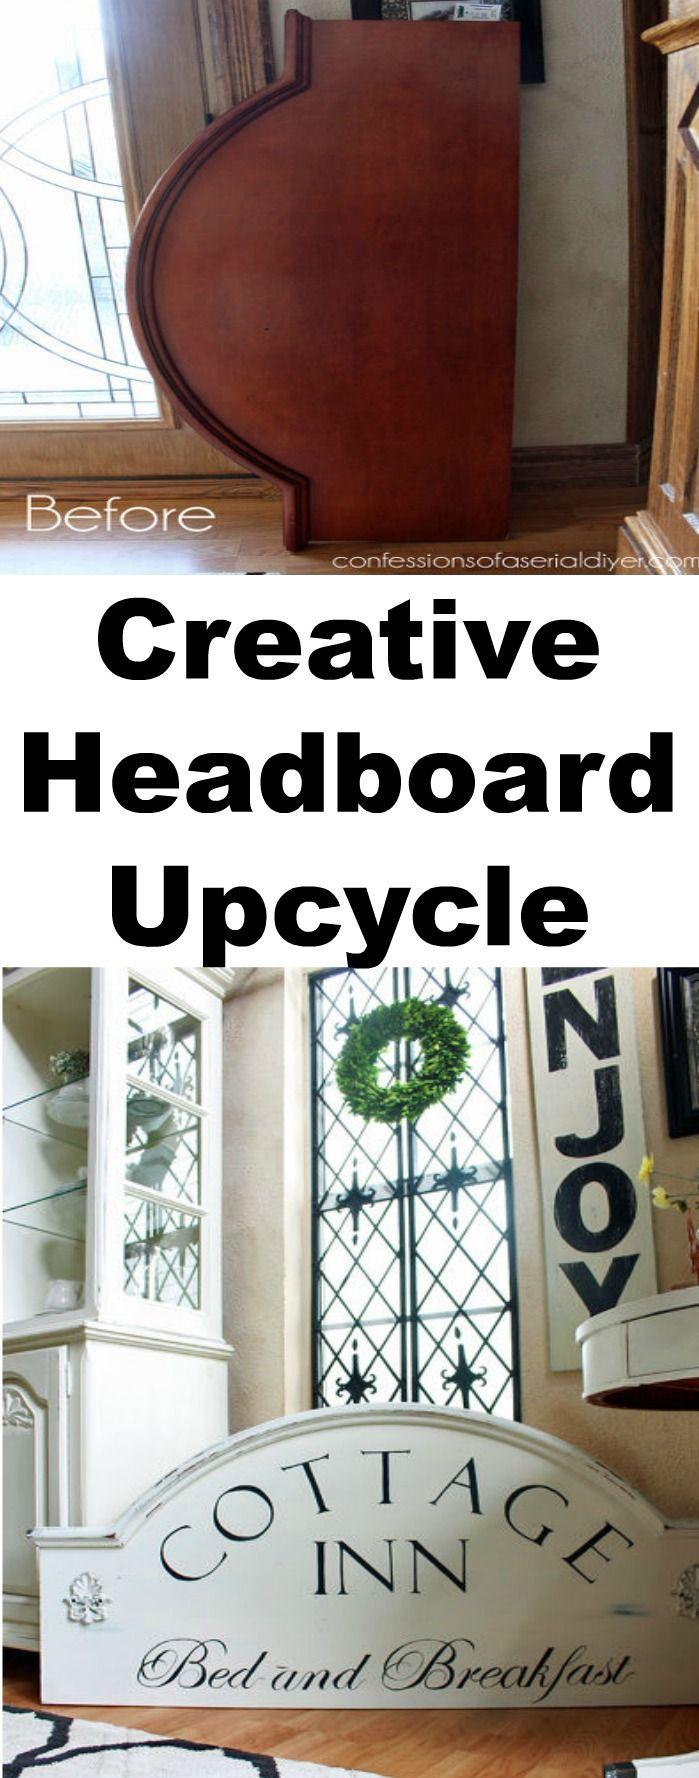 Fabulous headboard upcycle